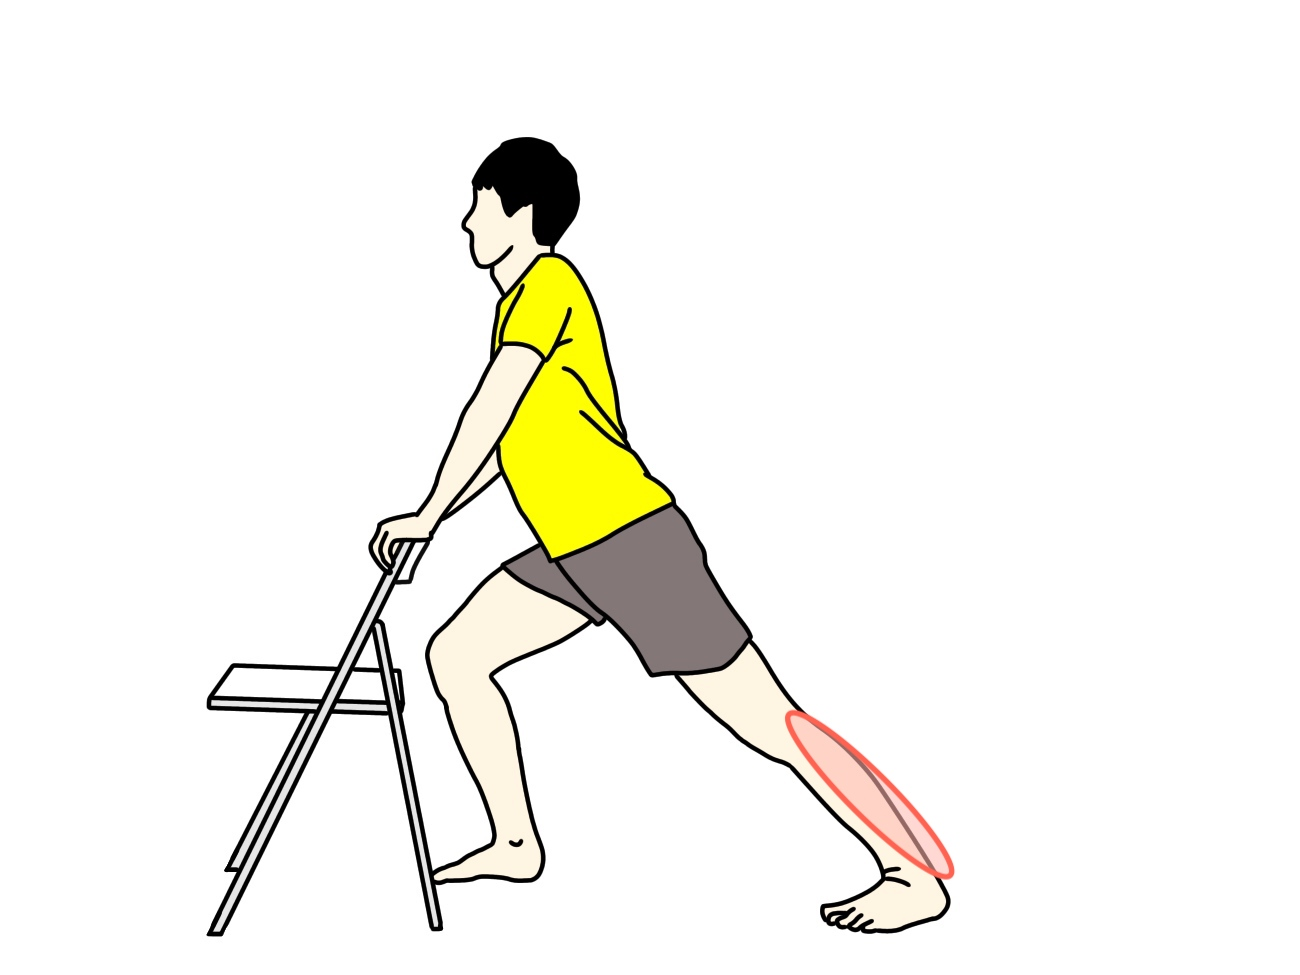 椅子につかまって行うふくらはぎの筋肉(下腿三頭筋)のストレッチで伸びる場所